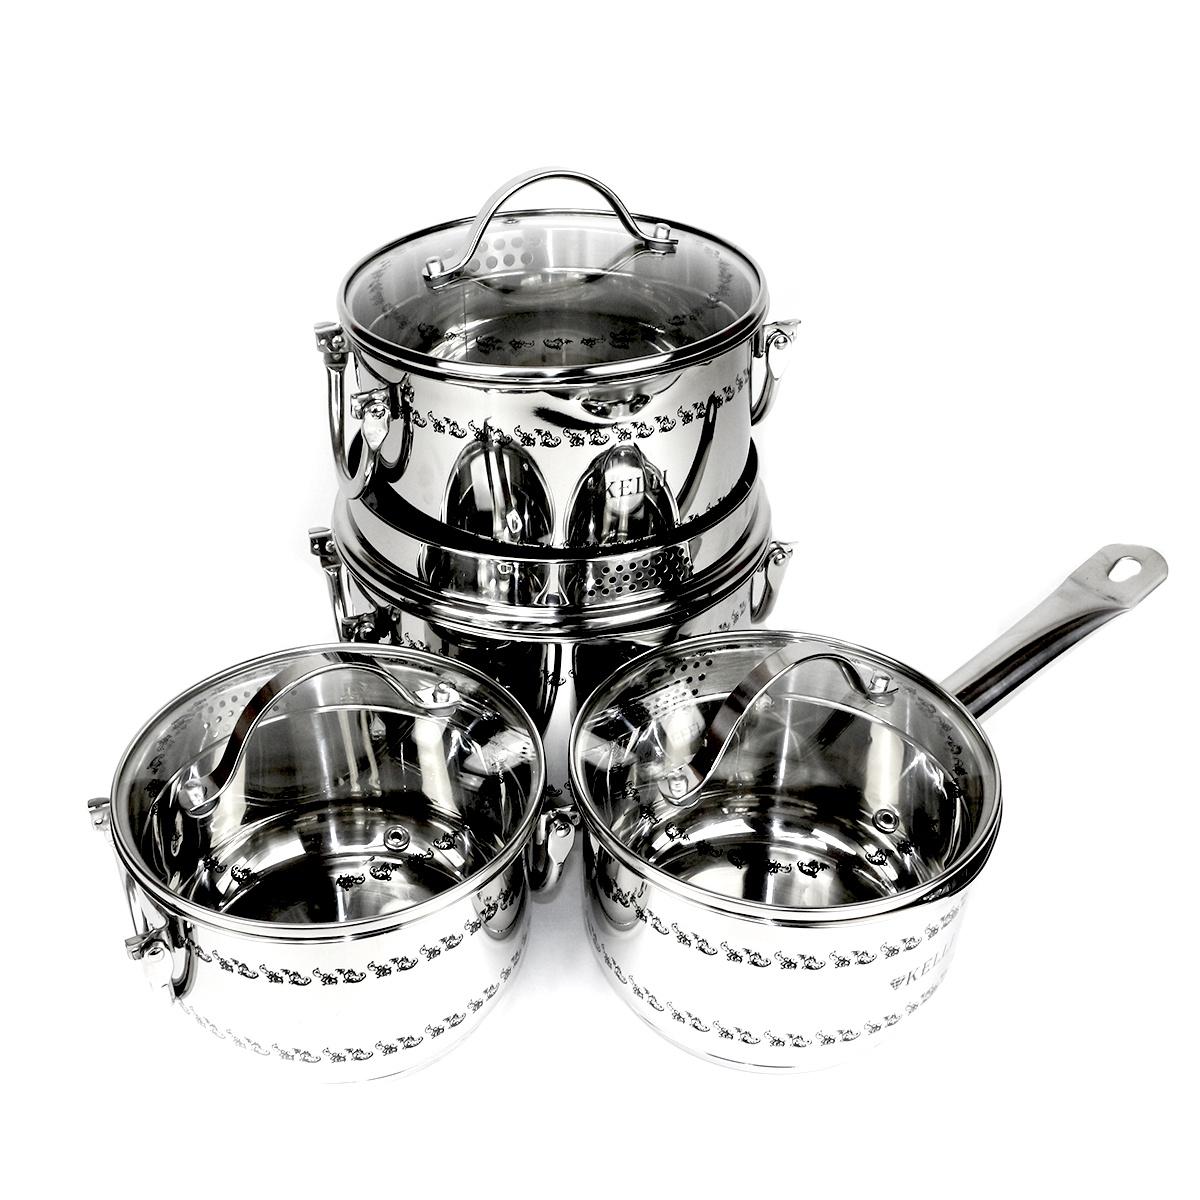 Фото - Набор посуды для приготовления Kelli 4263, Нержавеющая сталь [супермаркет] jingdong геб scybe фил приблизительно круглая чашка установлена в вертикальном положении стеклянной чашки 290мла 6 z